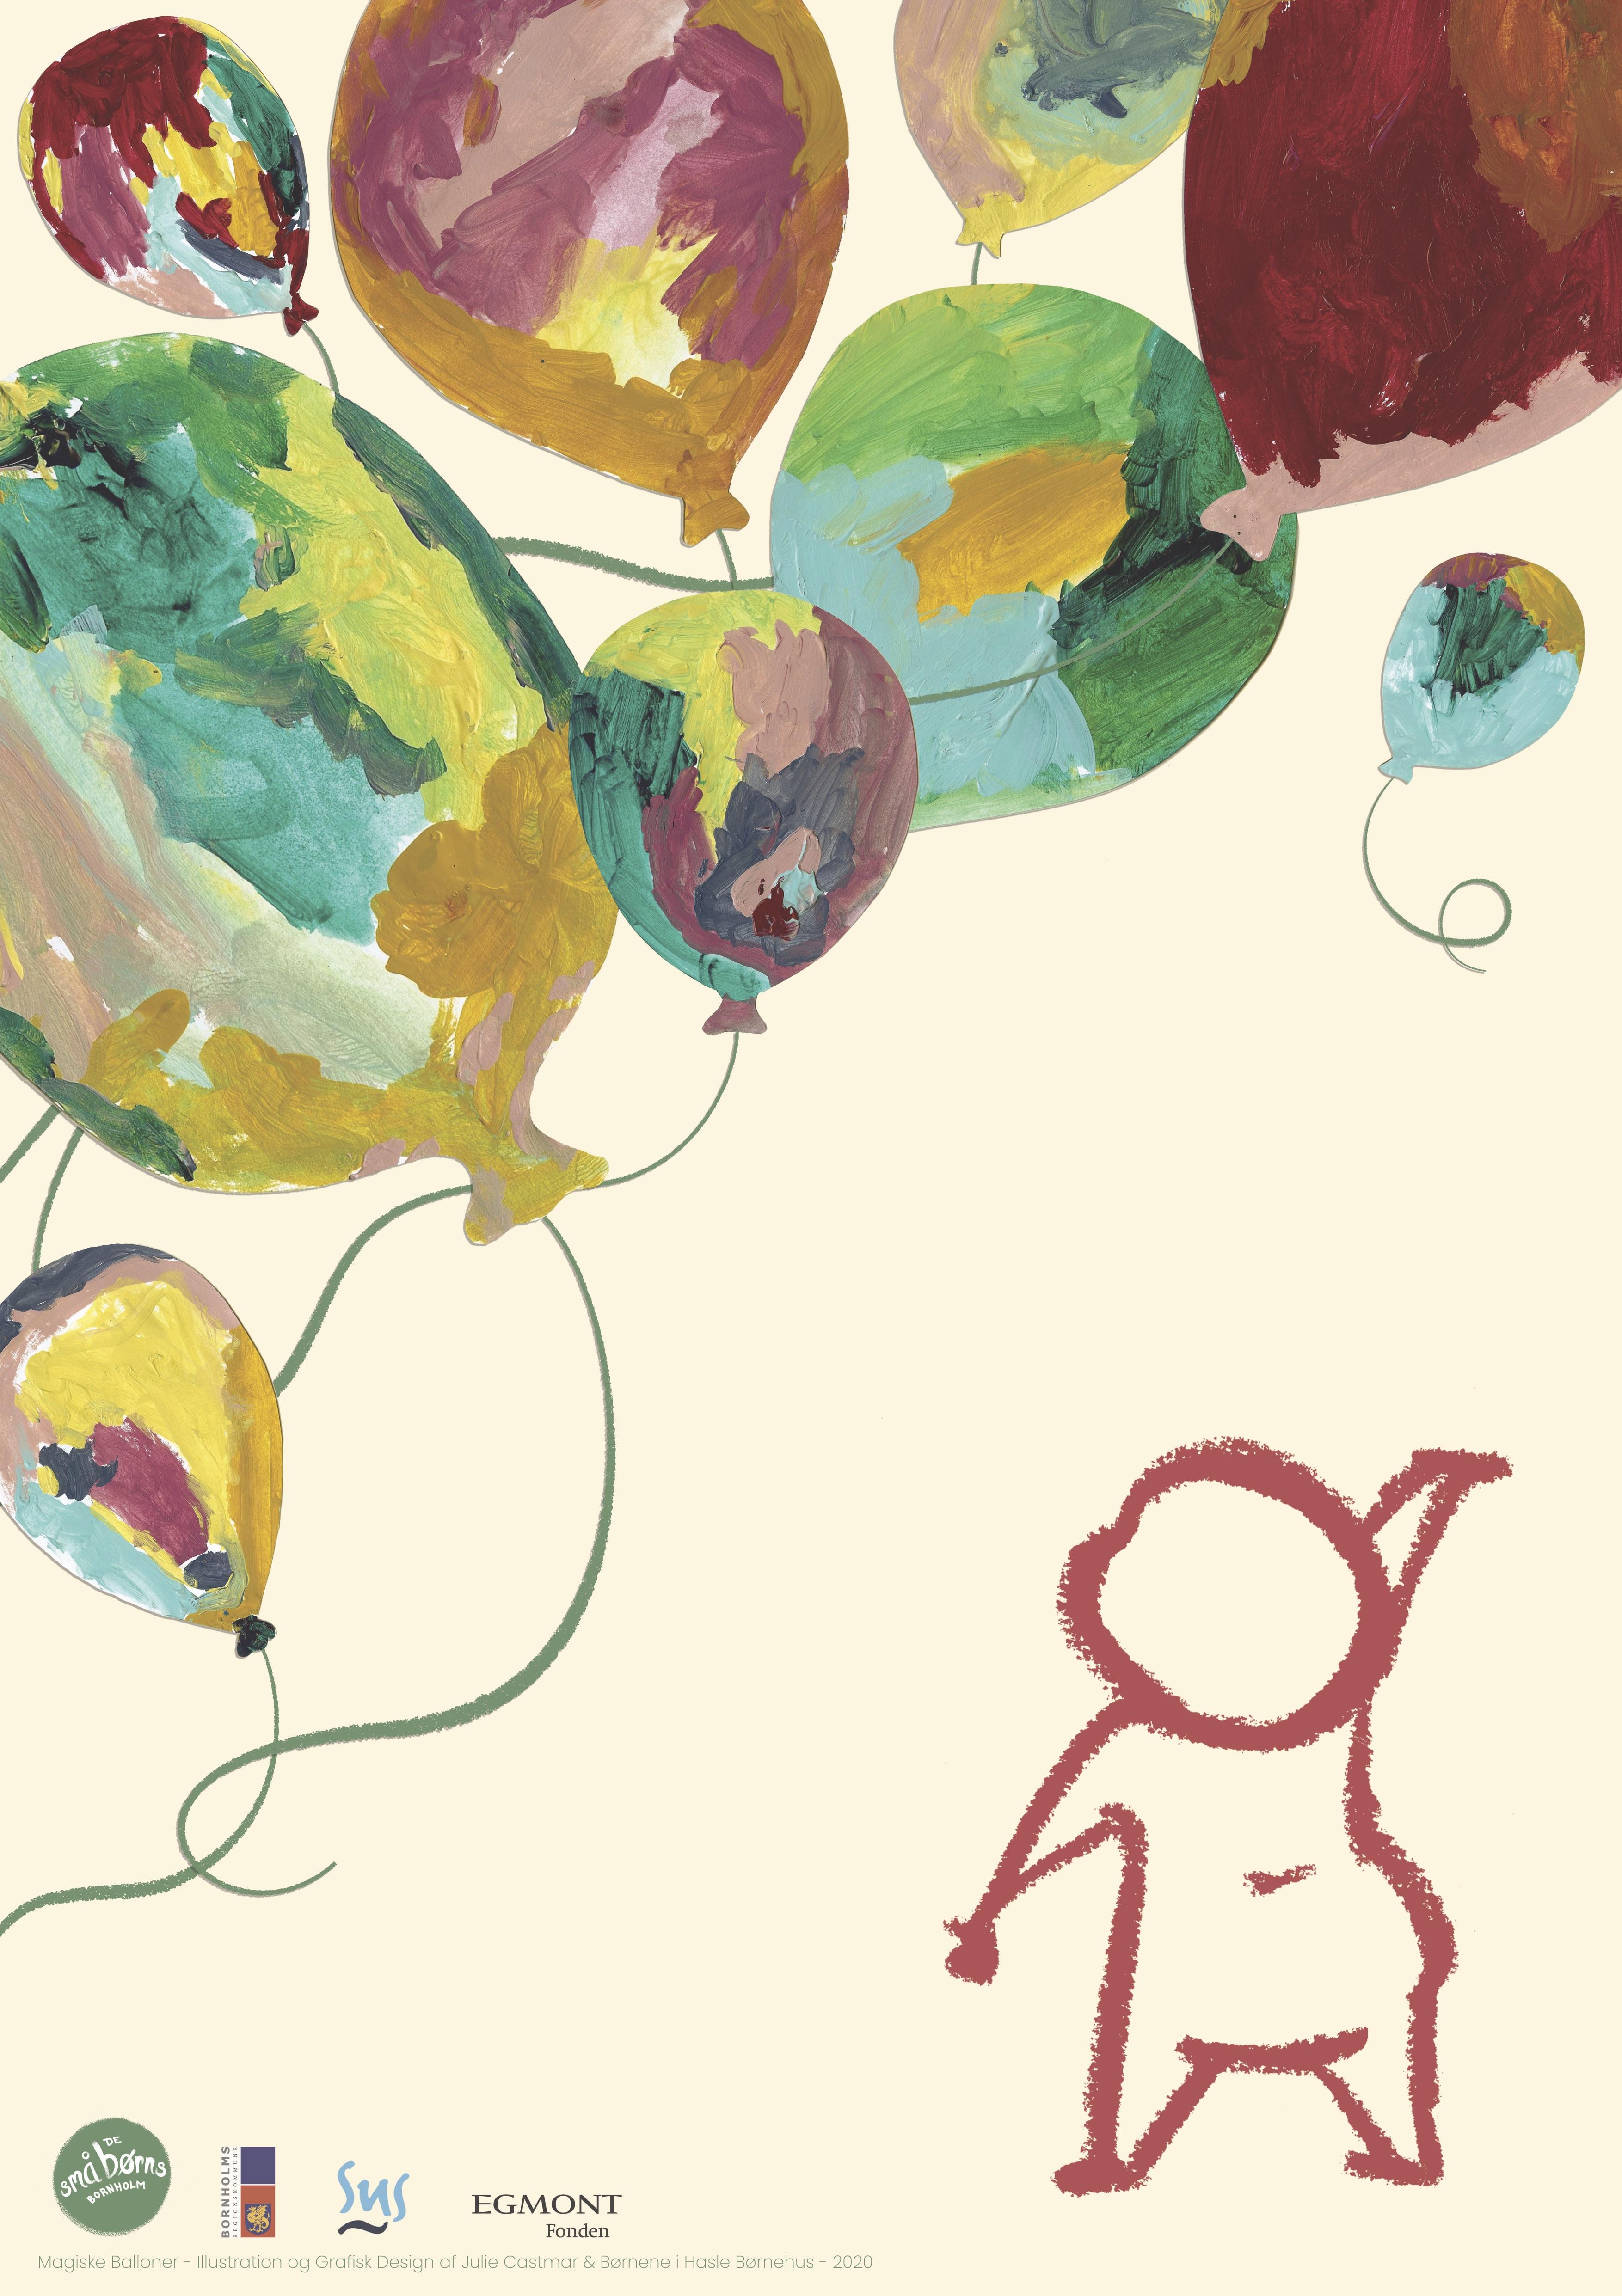 Magiske balloner